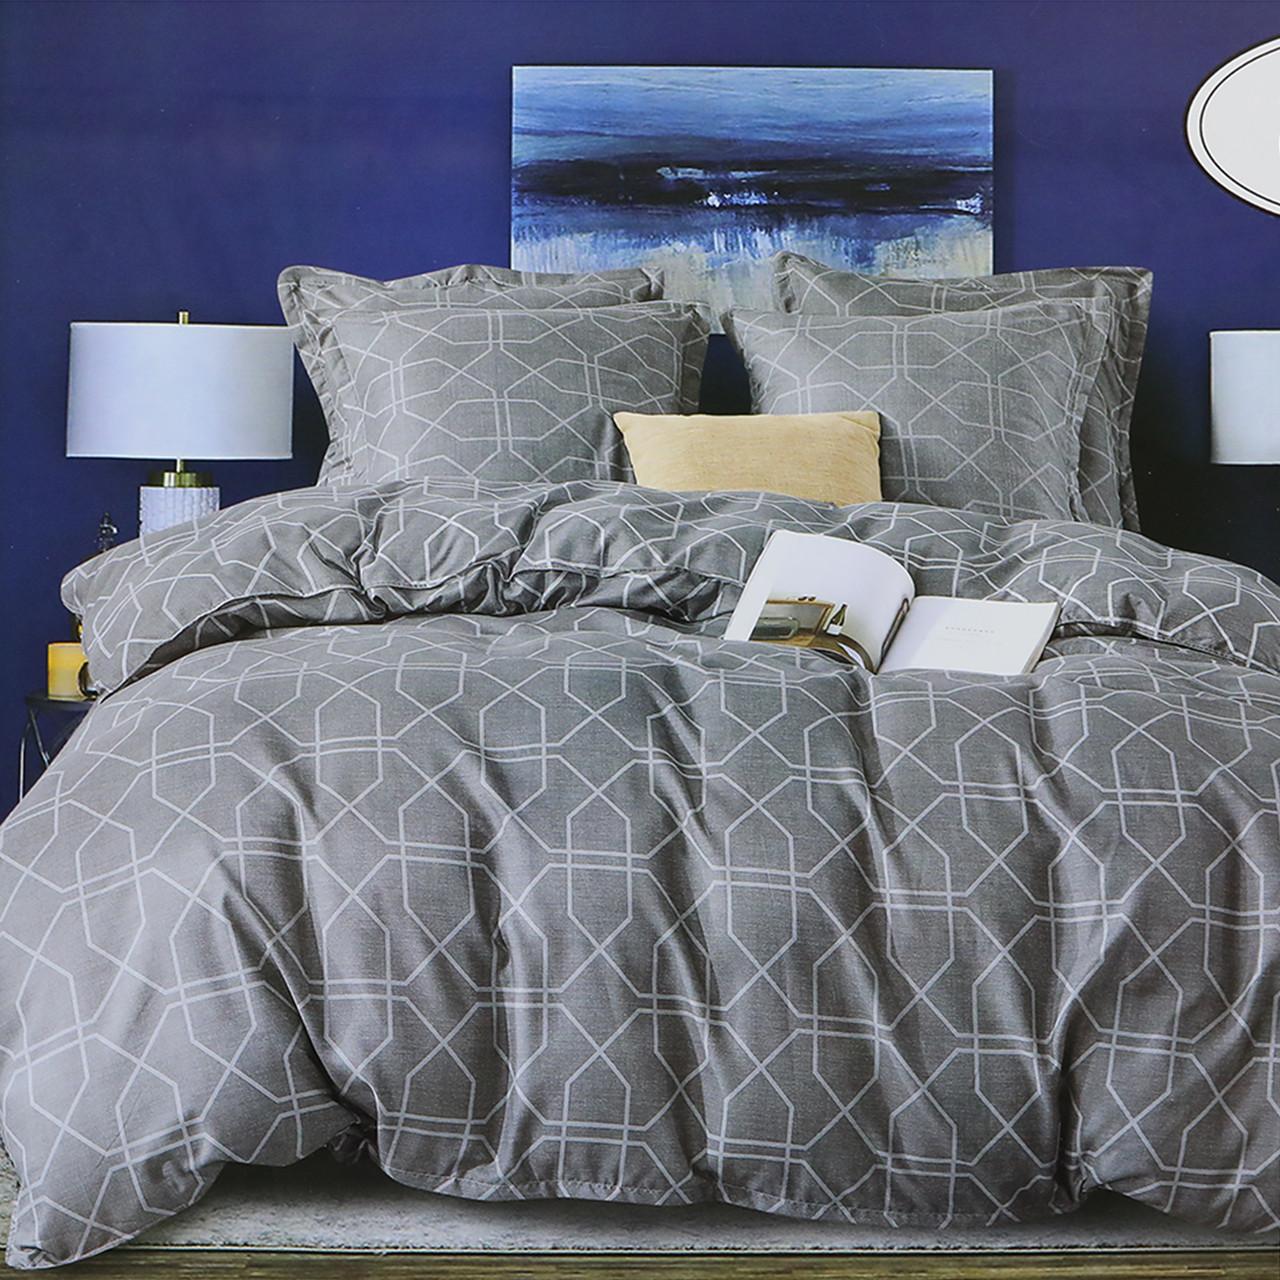 Комплект постельного белья двуспальный Геометрия Koloco 180x220см